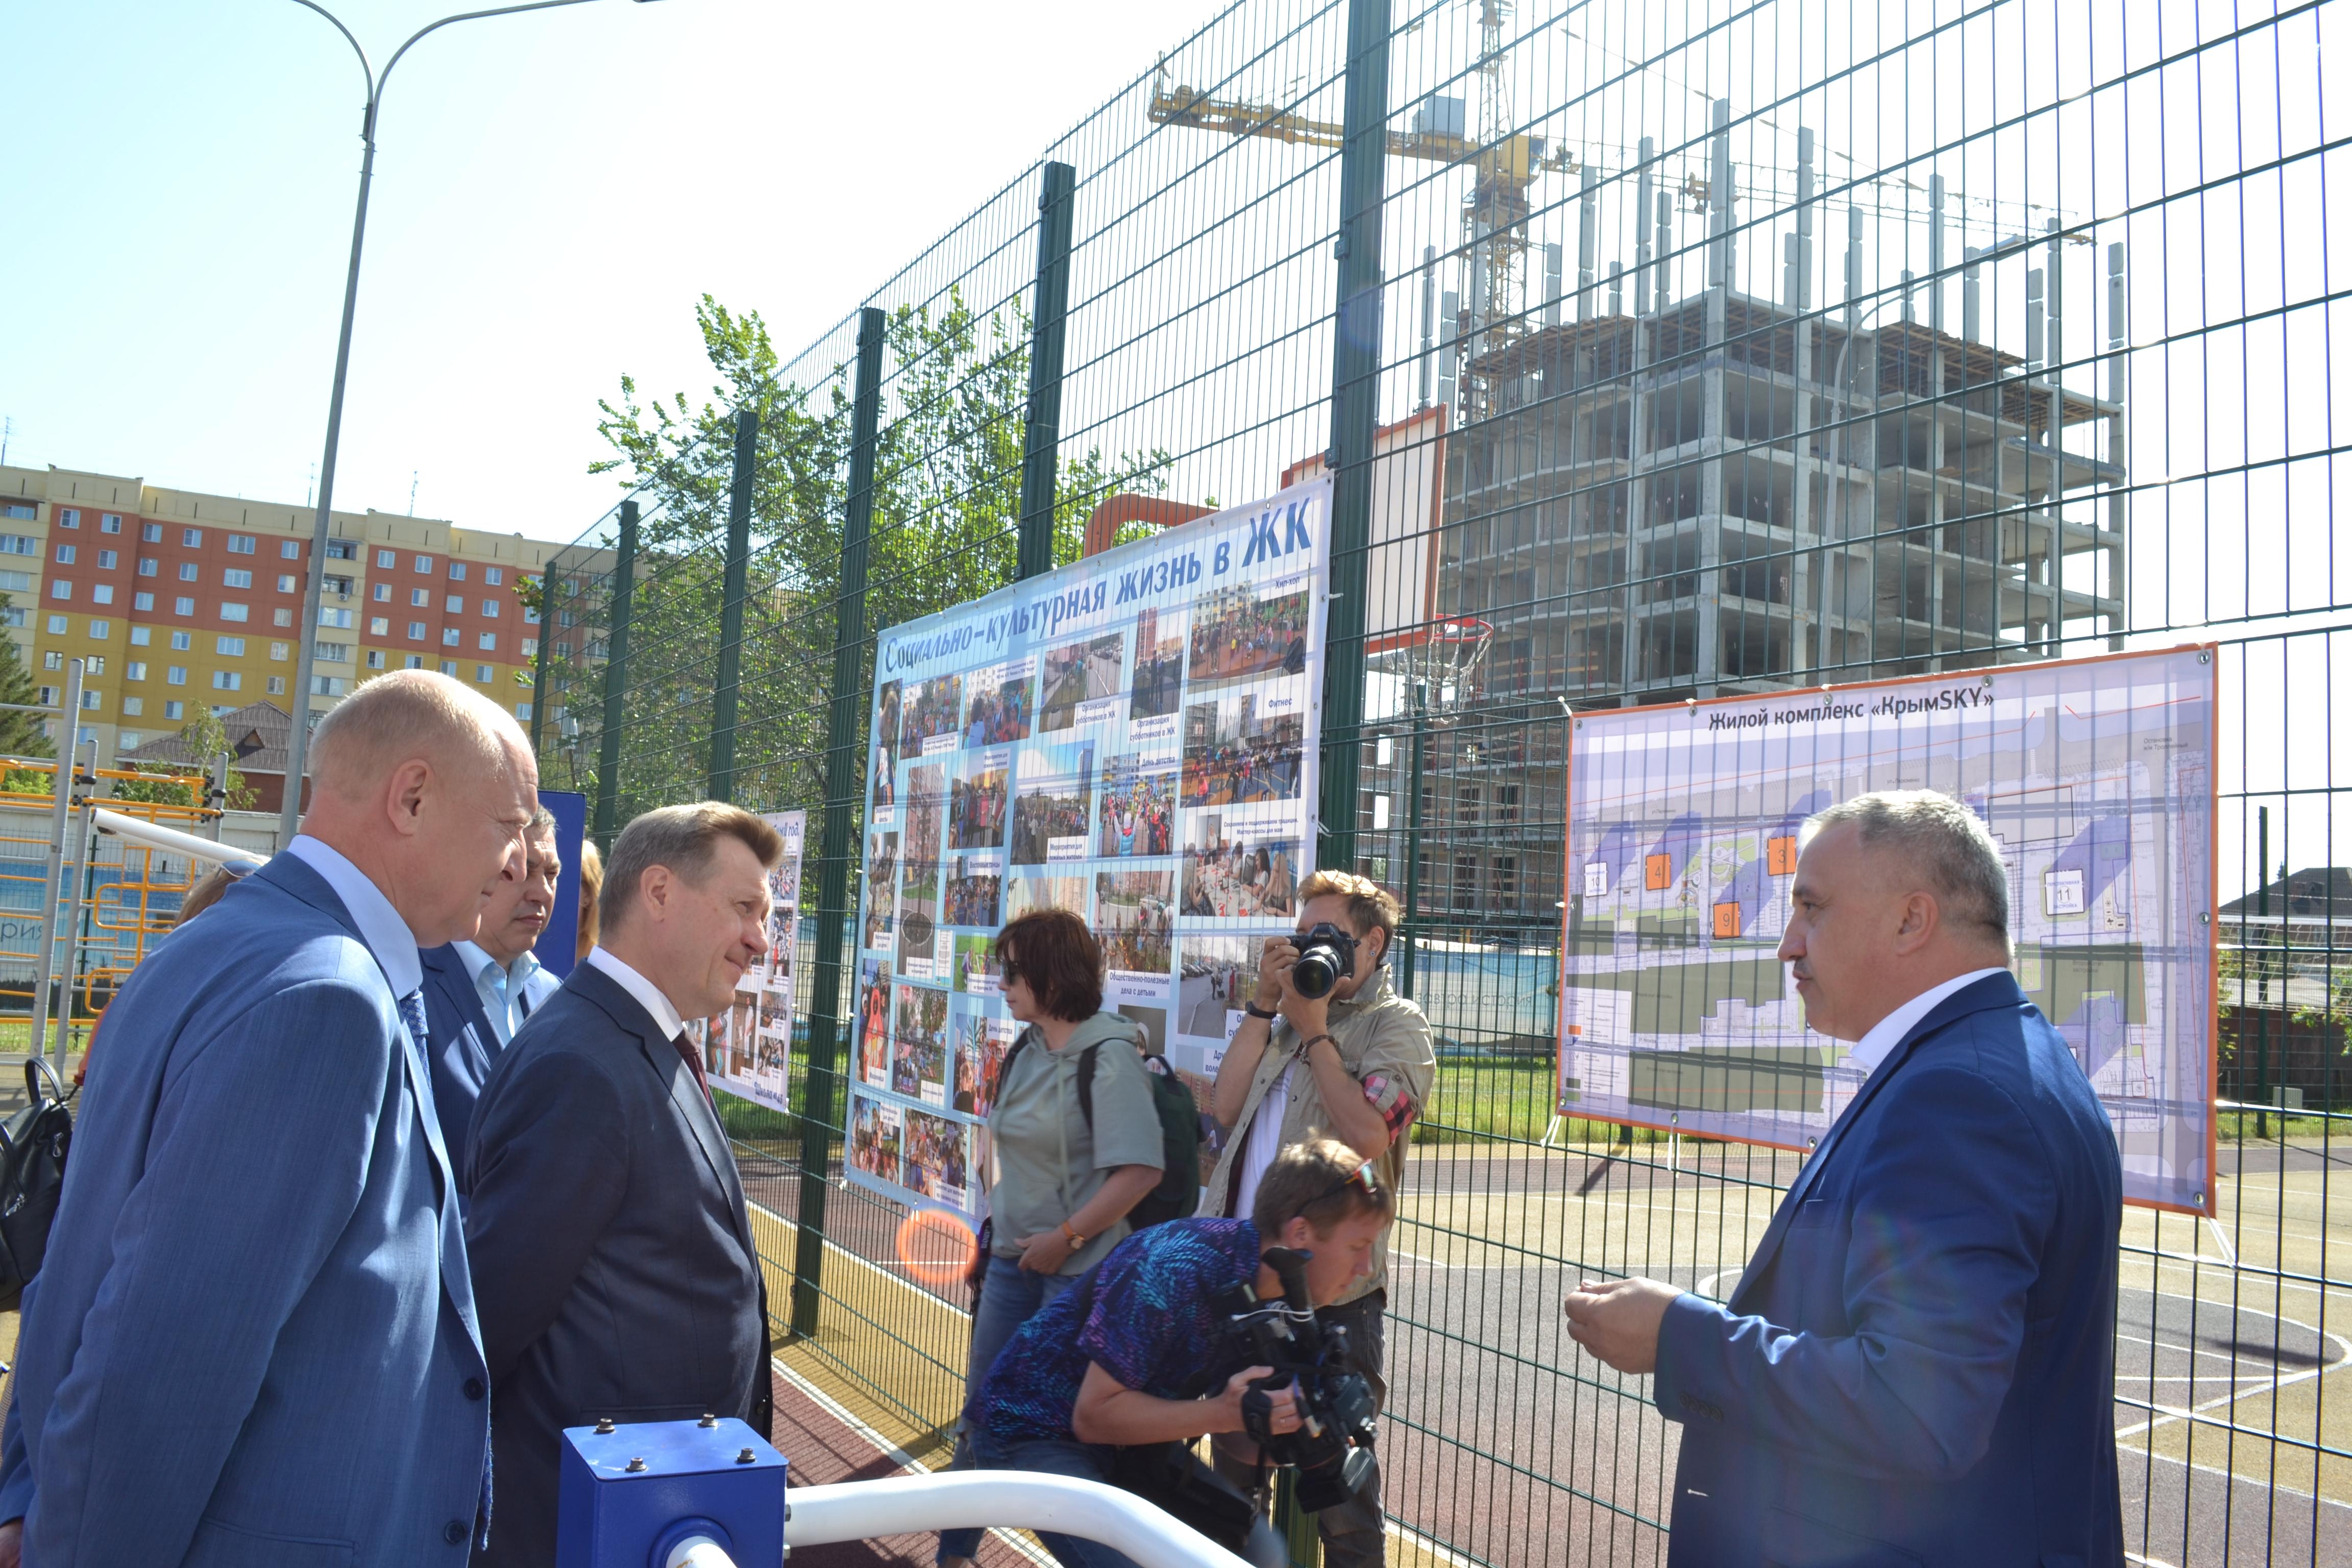 Мэр Новосибирска Анатолий Локоть посетил жилой комплекс «КрымSKY»